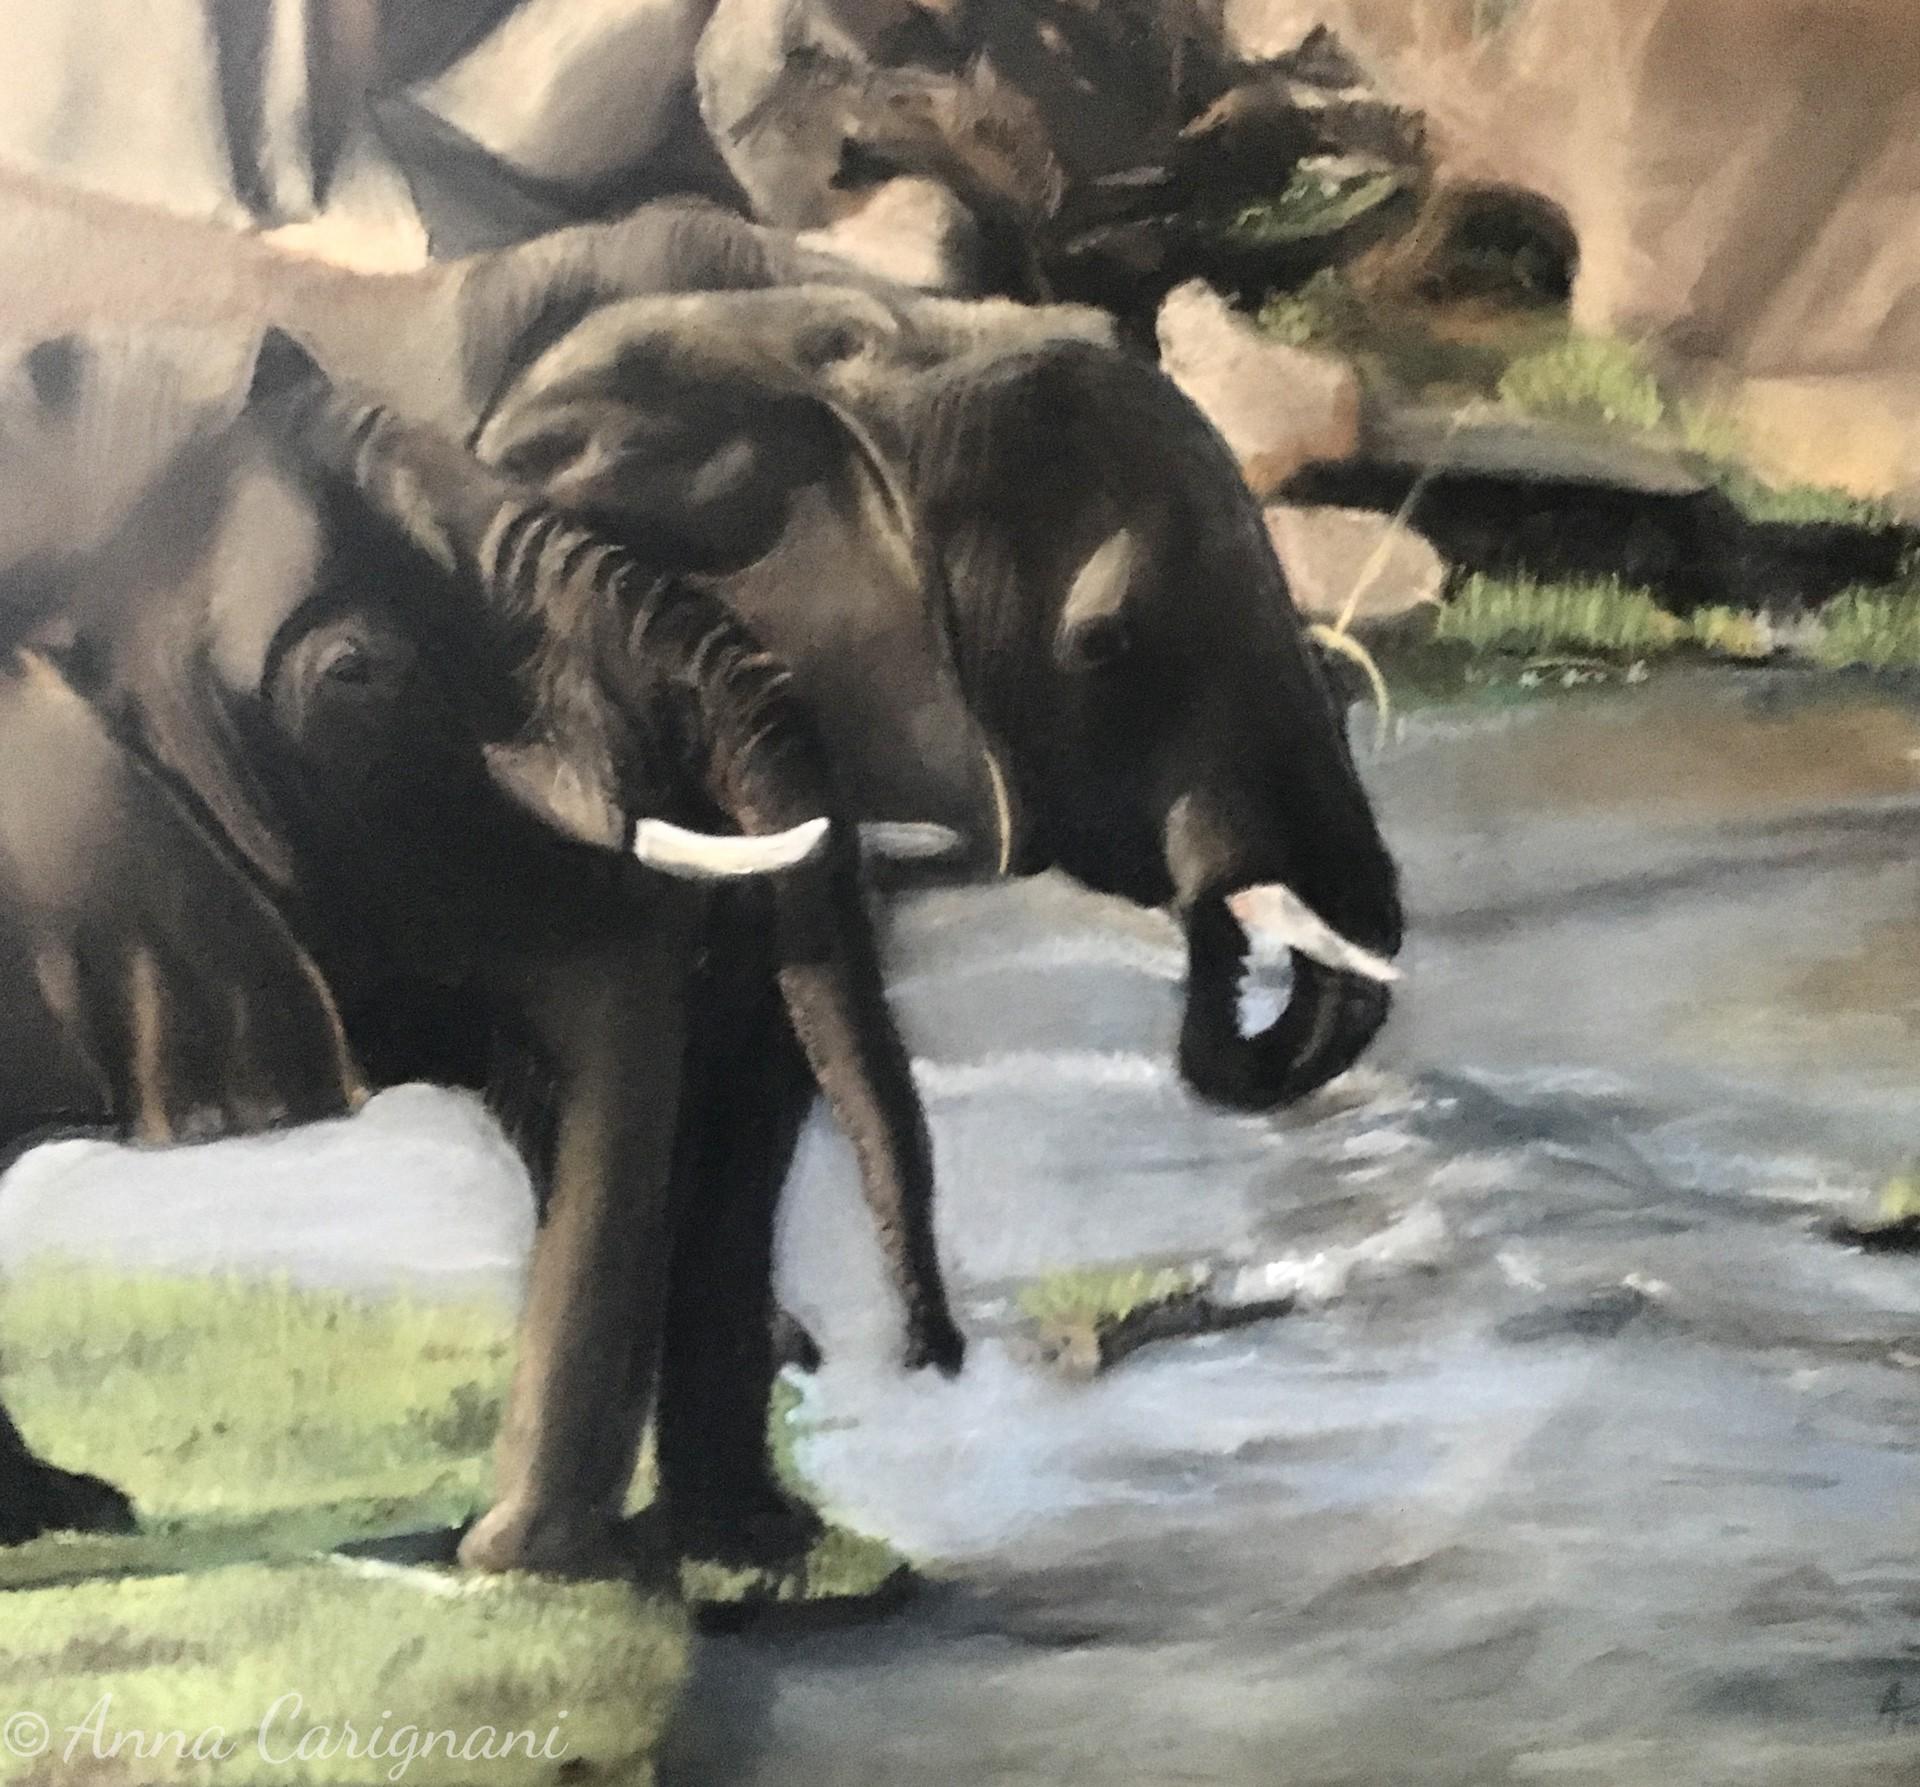 Elefanti della Tanzania